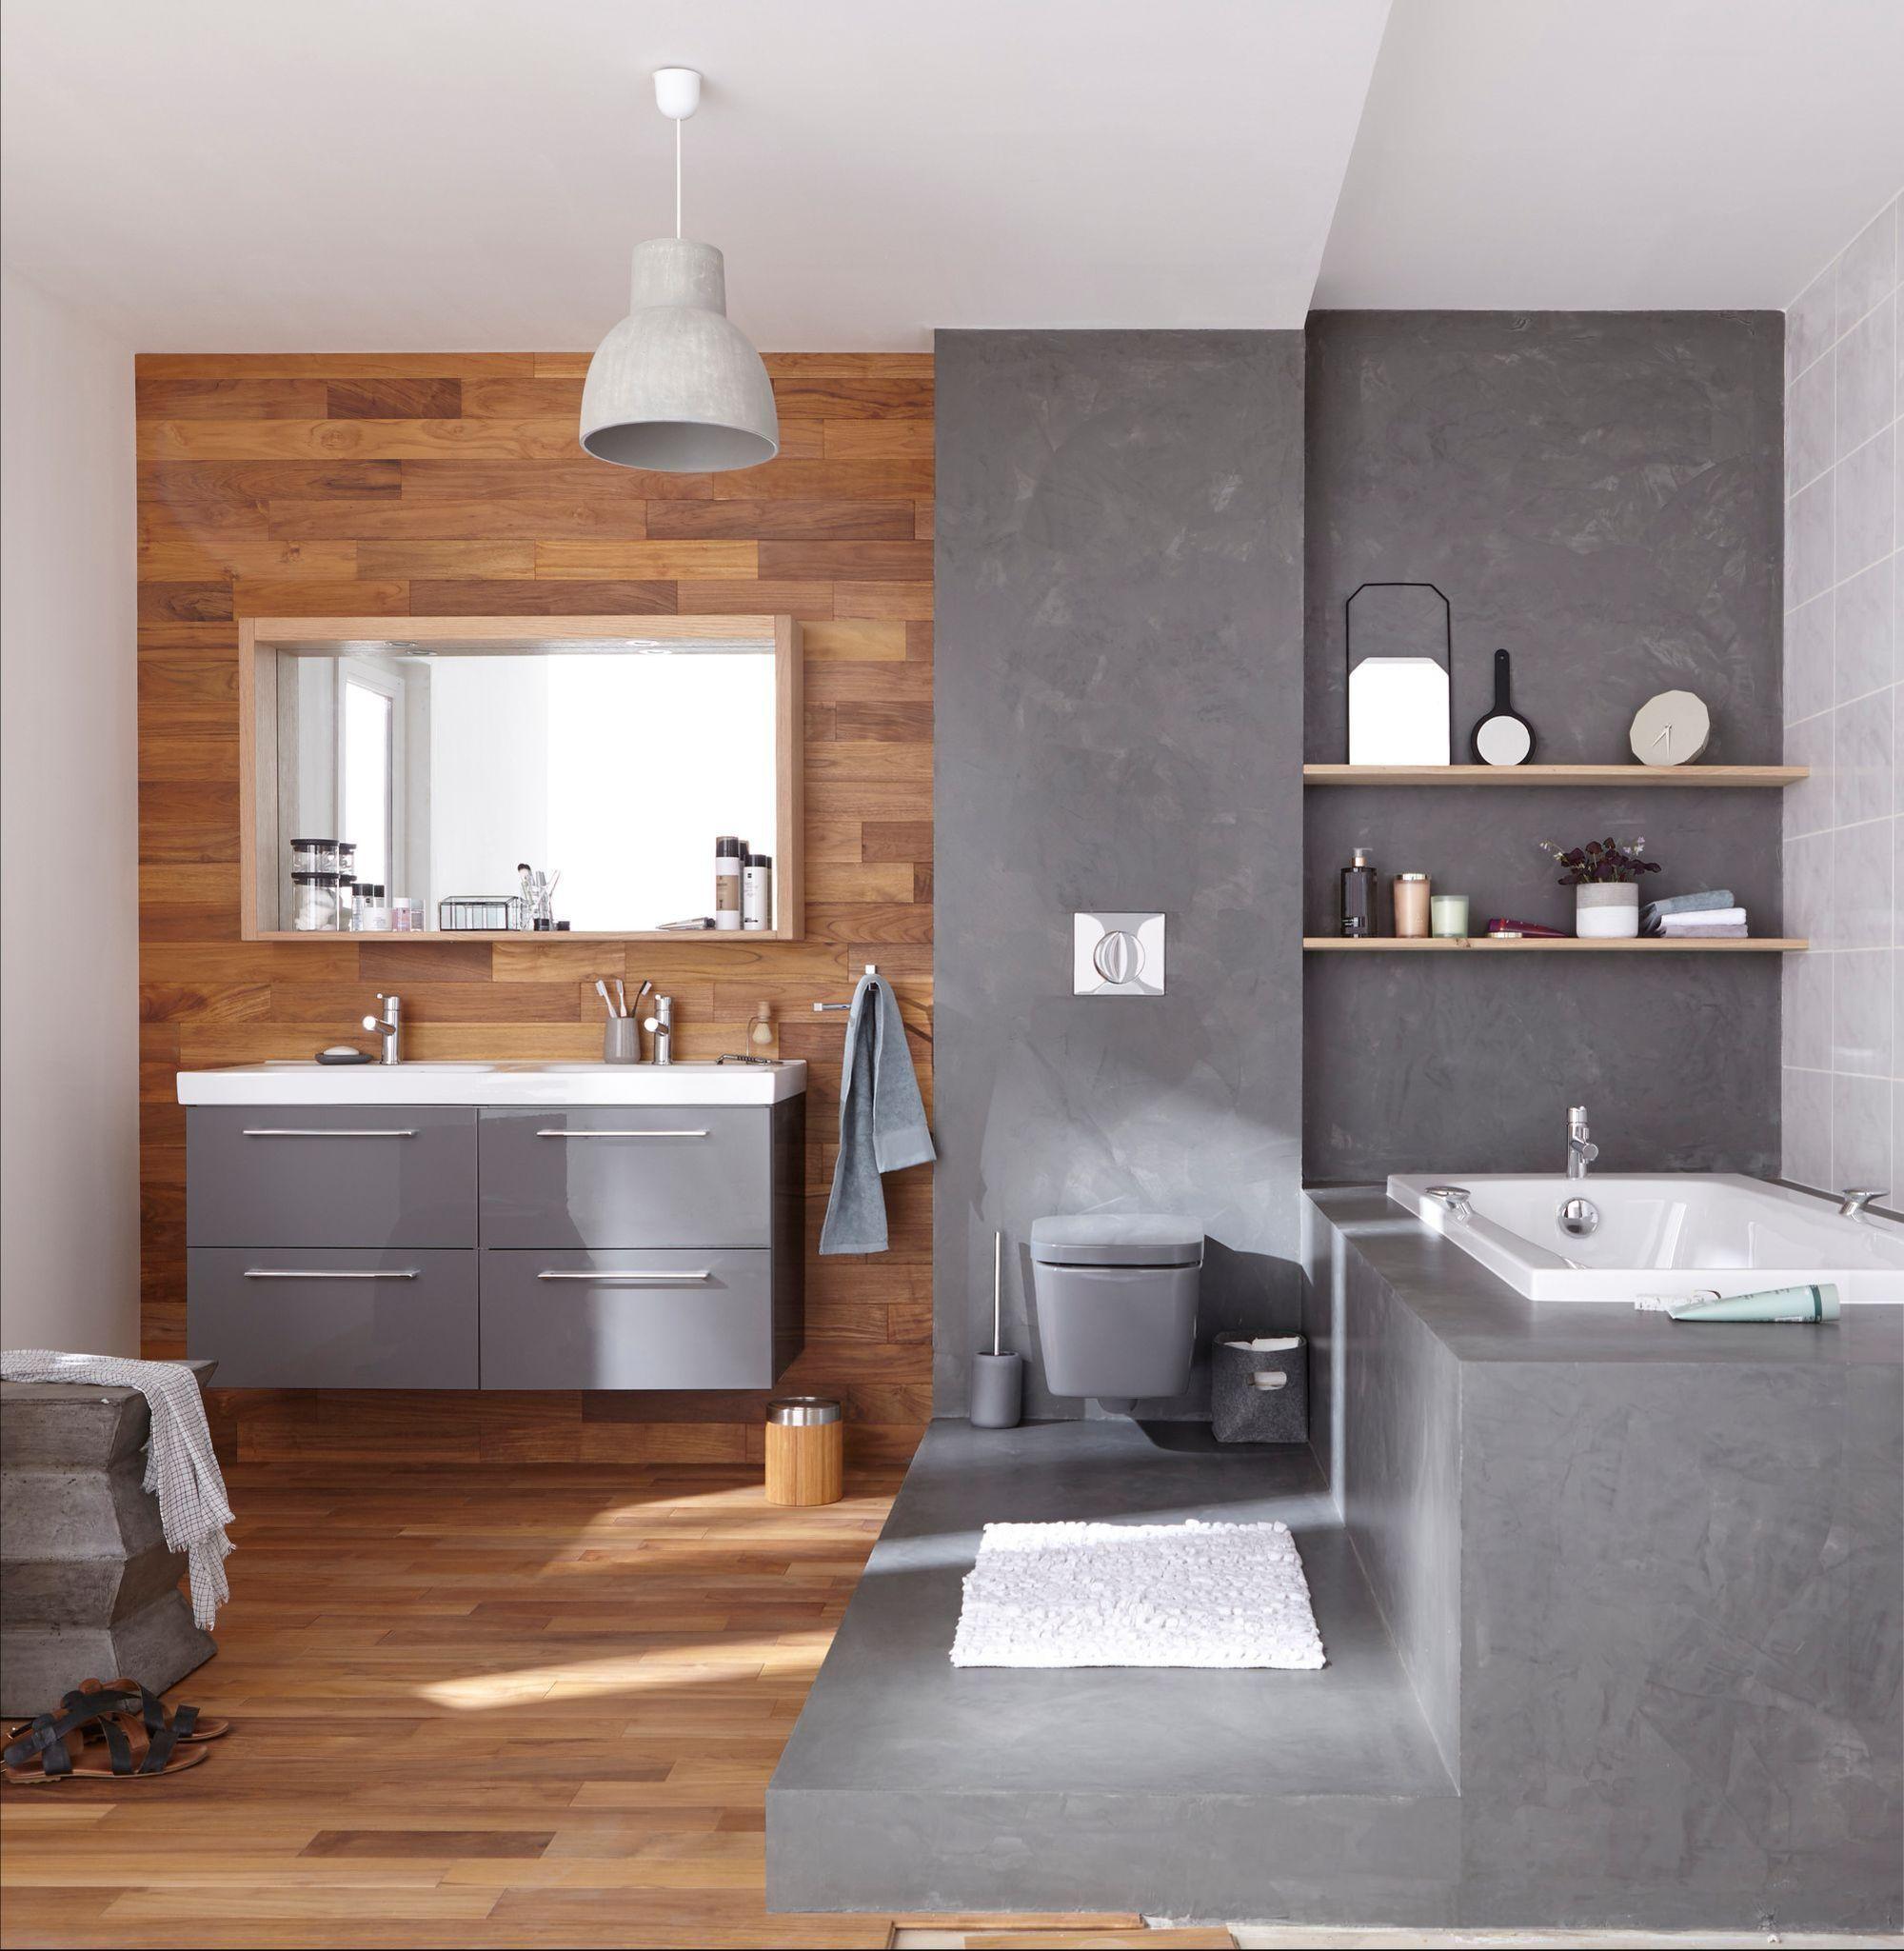 Salle De Bain Deco Bambou schnell abnehmen bauch en 2020 | salle de bain en bambou